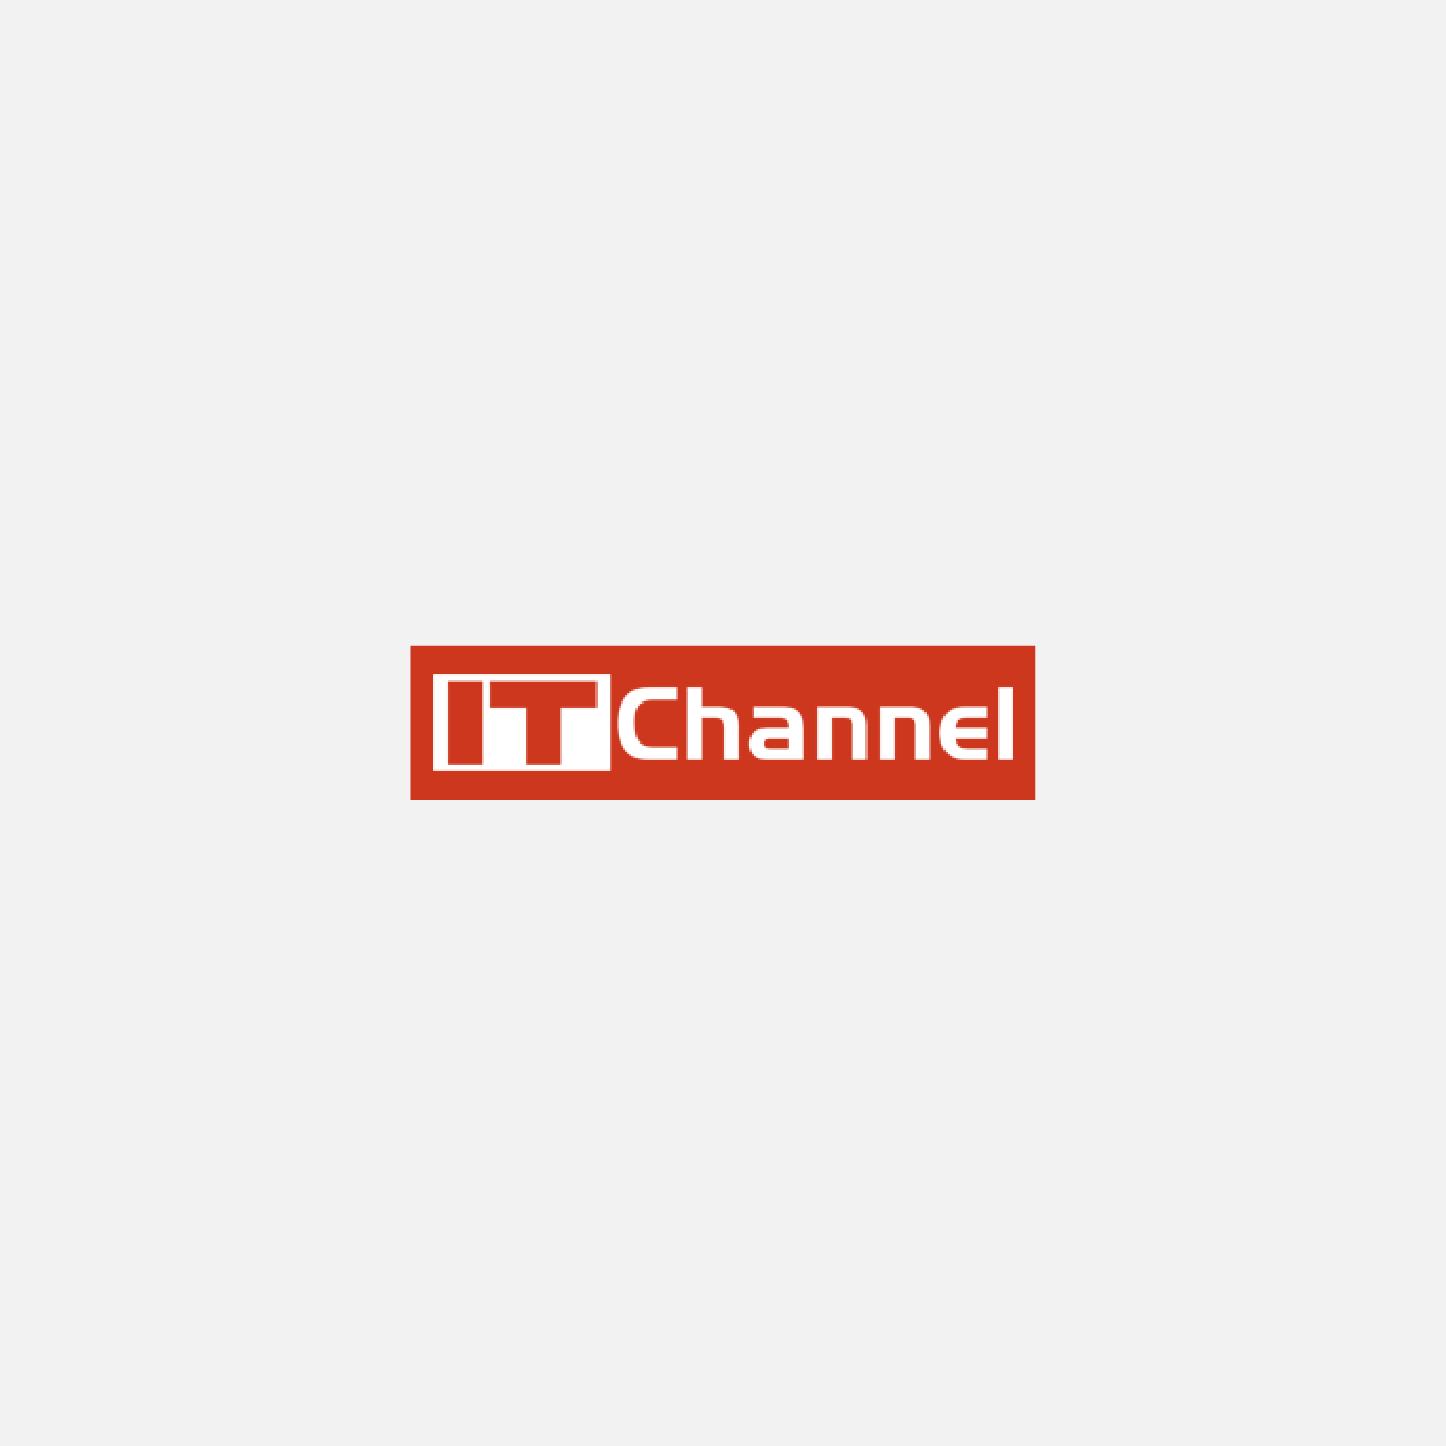 Logo - IT Channel